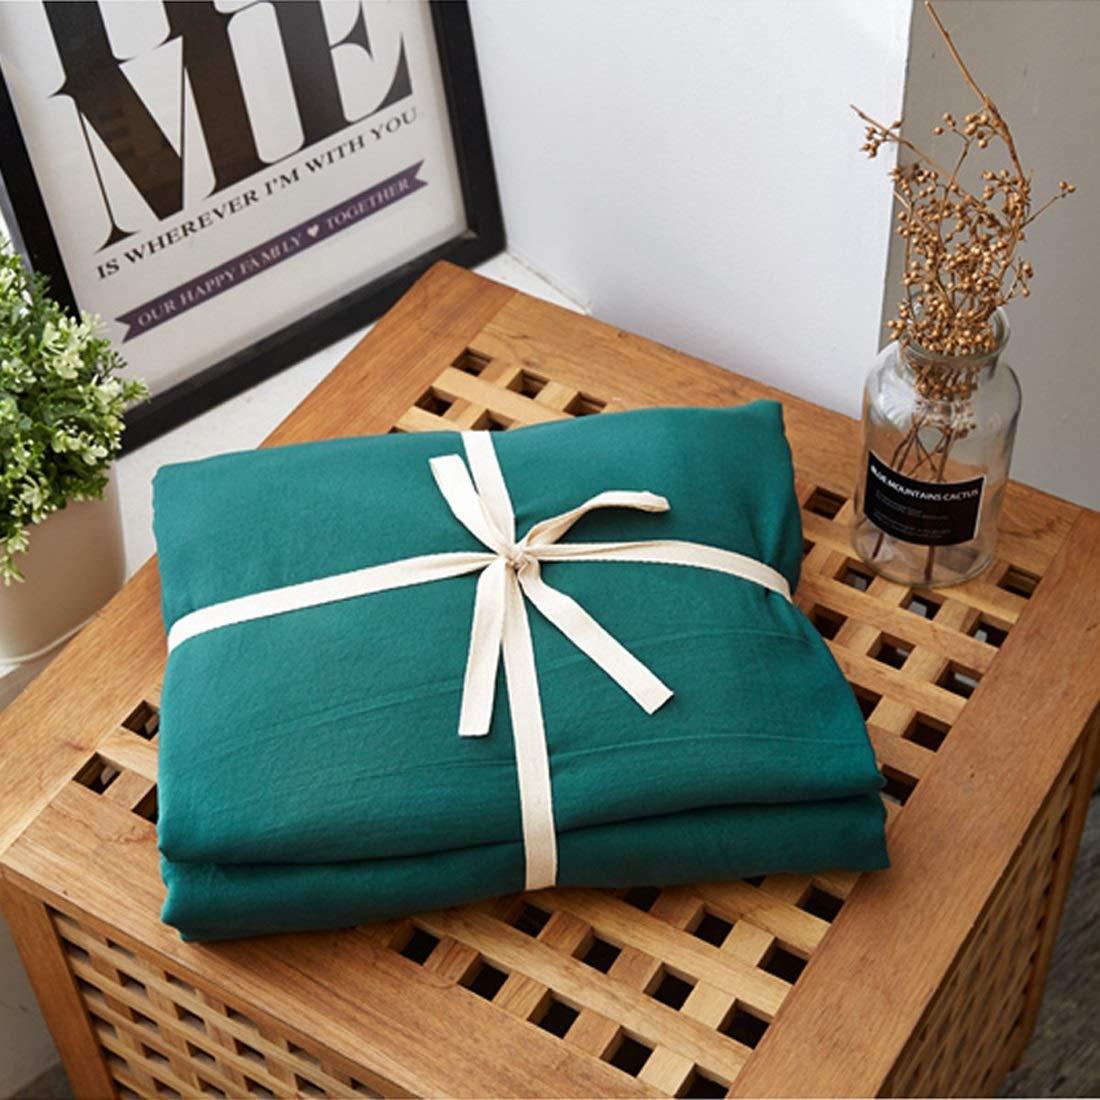 Longlong 4セットのベッド寝具セット 綿 高級 ベッドリネン枕カバー インテリアに適し 掛け布団カバー 洗える 抗菌 防臭 寝具カバーセット (色 : オレンジ, サイズ : 150*200CM) B07STDR98Q